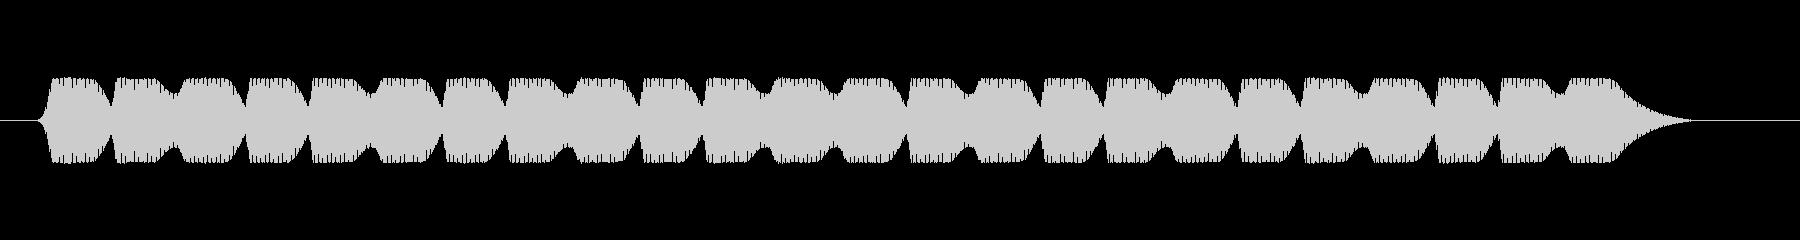 ファミコン風 台詞.メッセージ音 02の未再生の波形